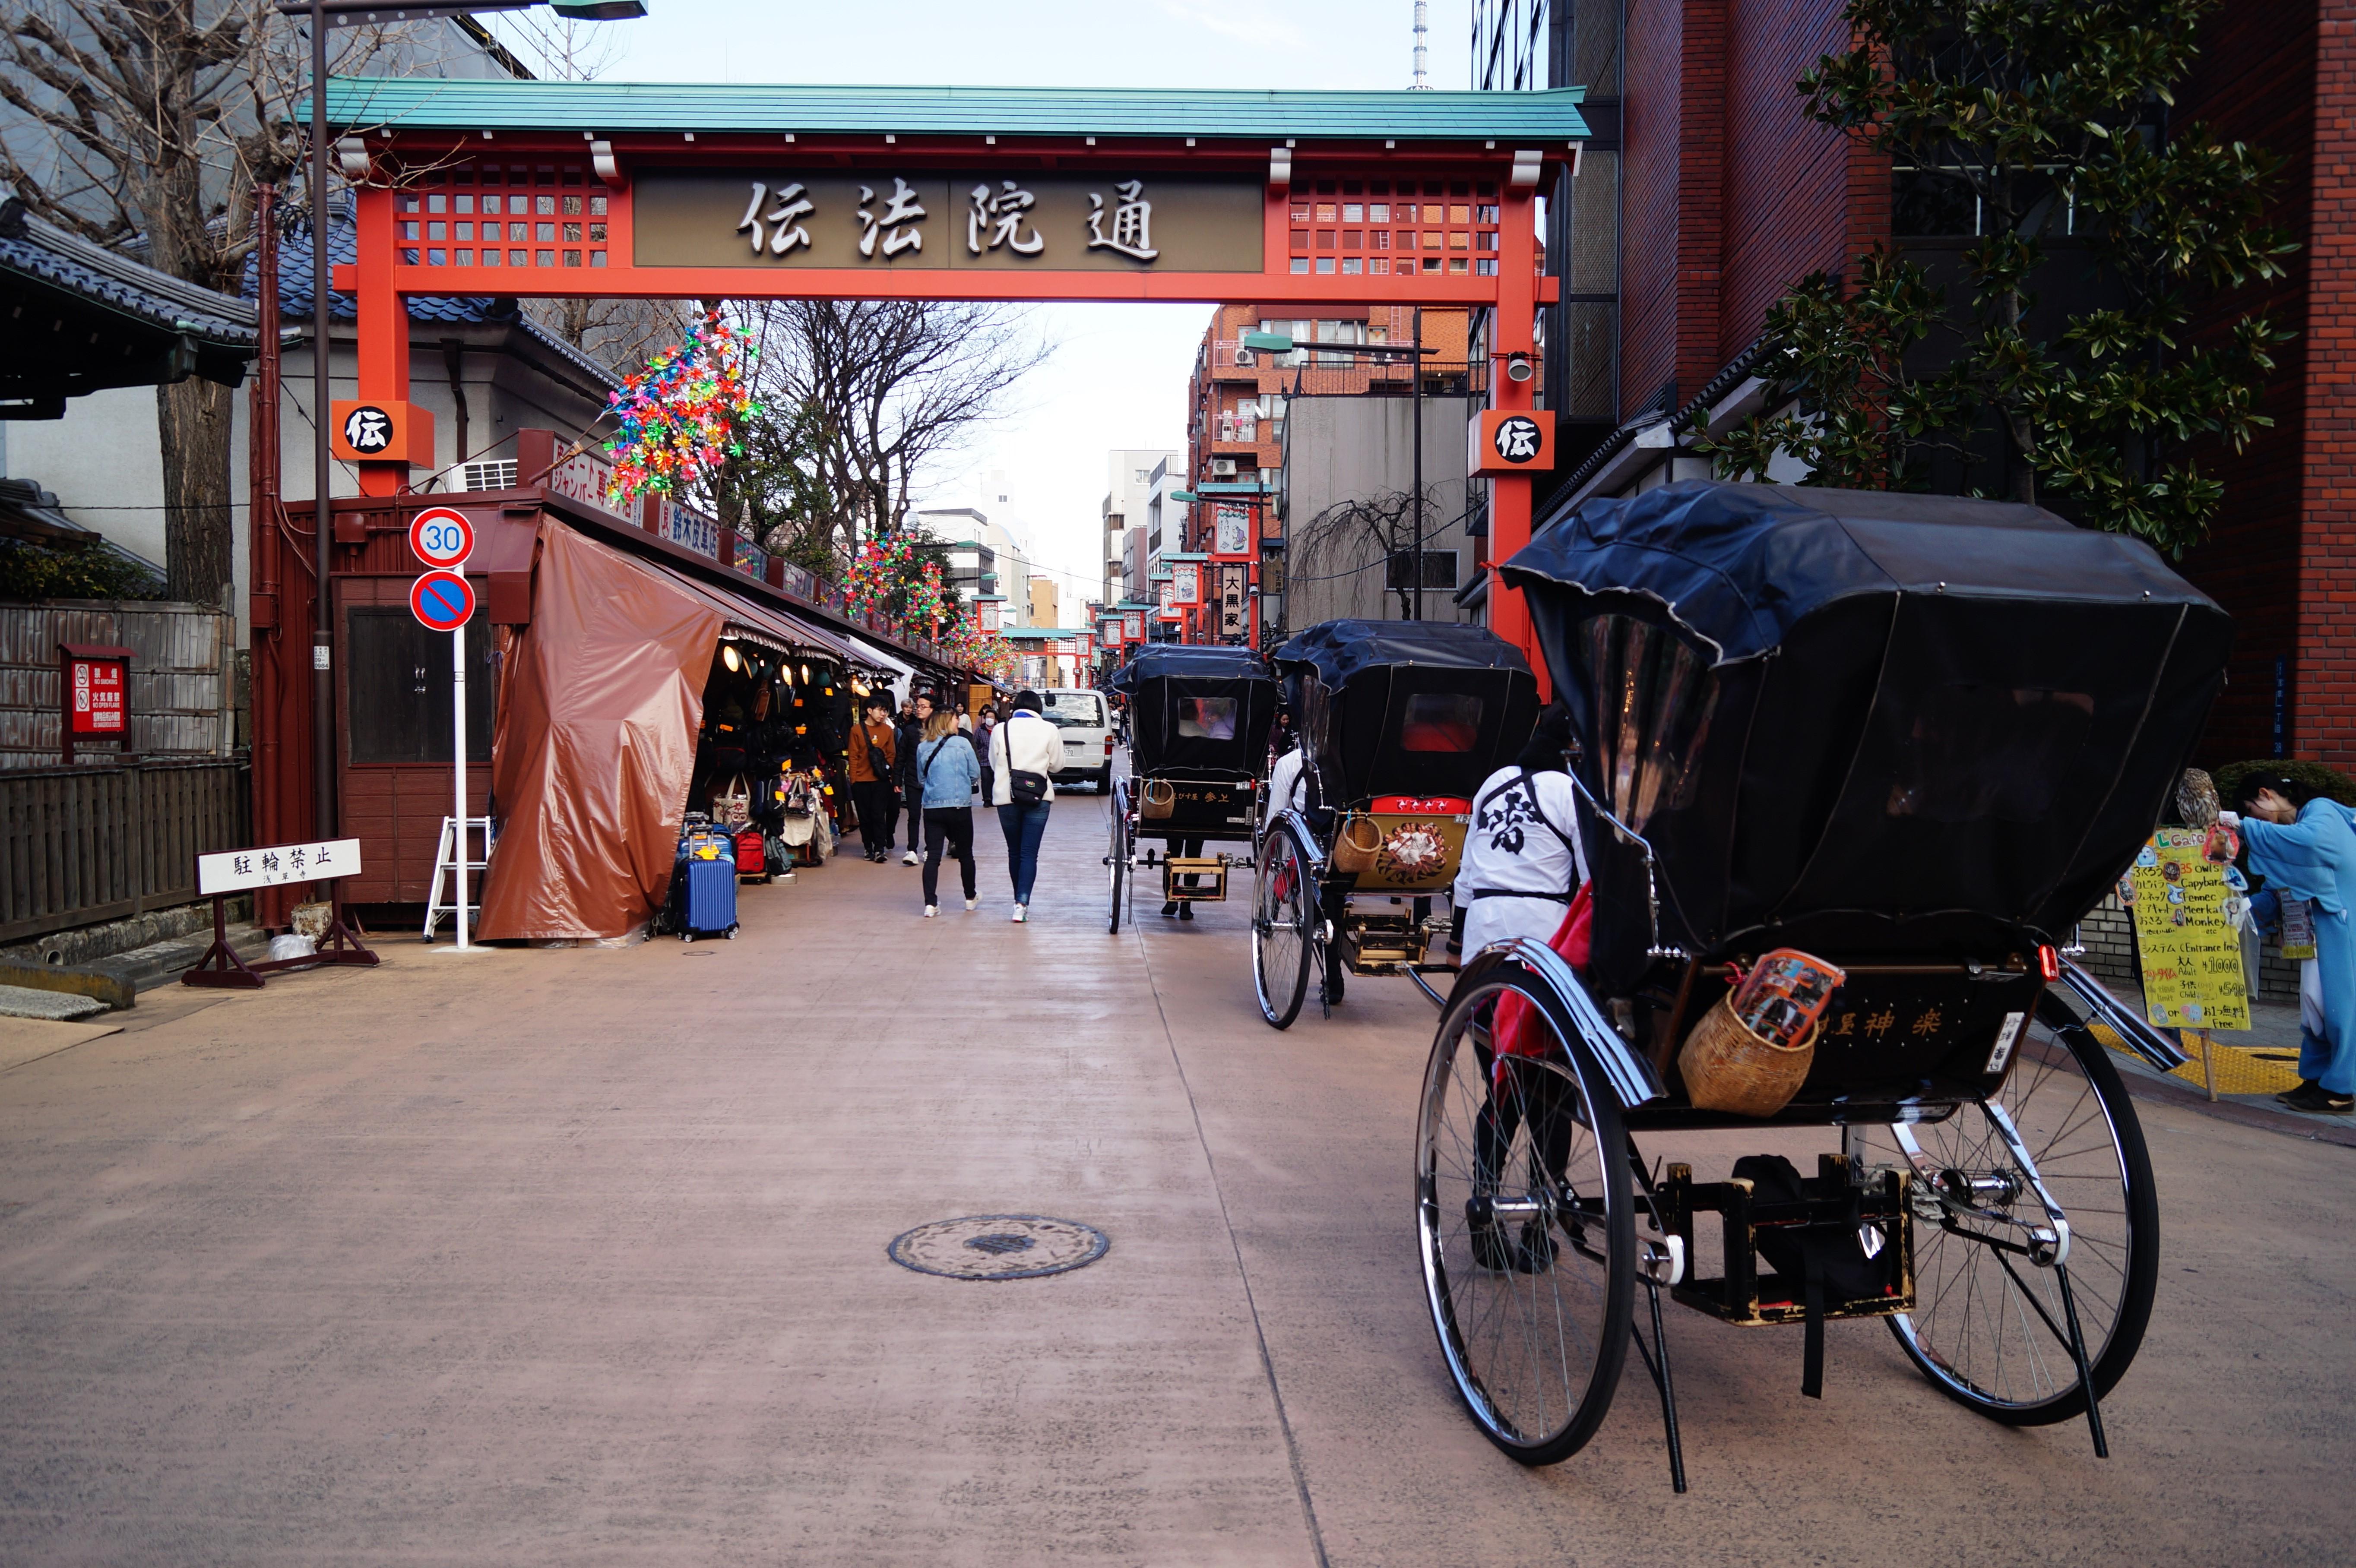 Tokio Asakusa Templo Senso ji Alrededores - Qué ver en Tokio en 4 días: 5 lugares imprescindibles